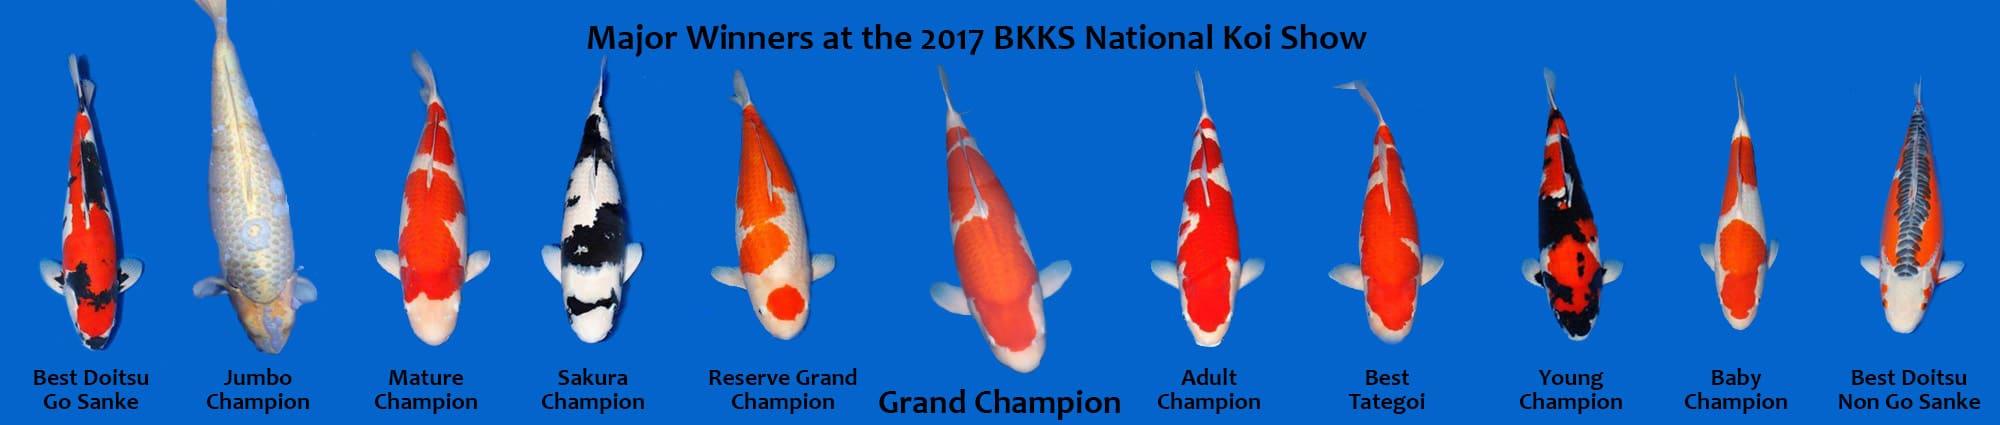 Vencedores da competição de Koi do Reino Unido.